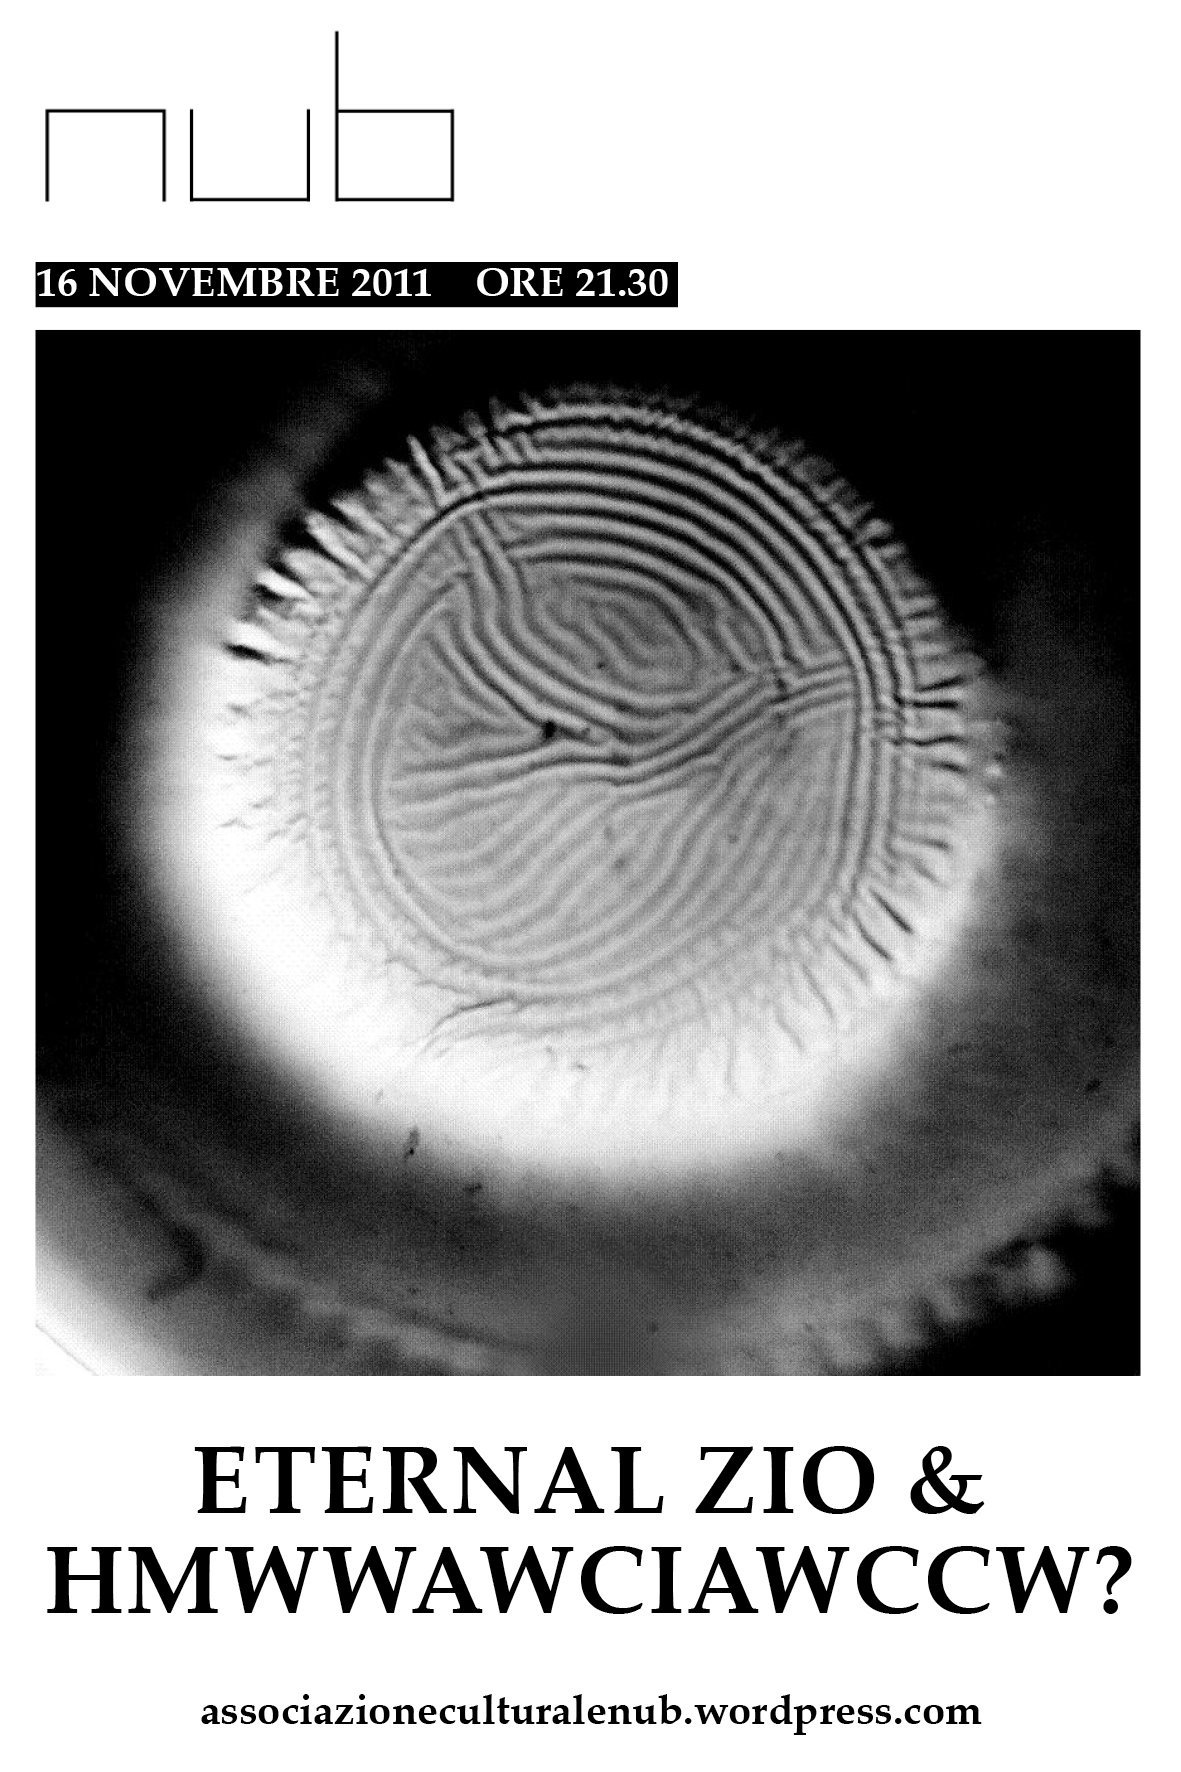 ETERNAL ZIO / HMWWAWCIAWCCW? | 16.11.2011